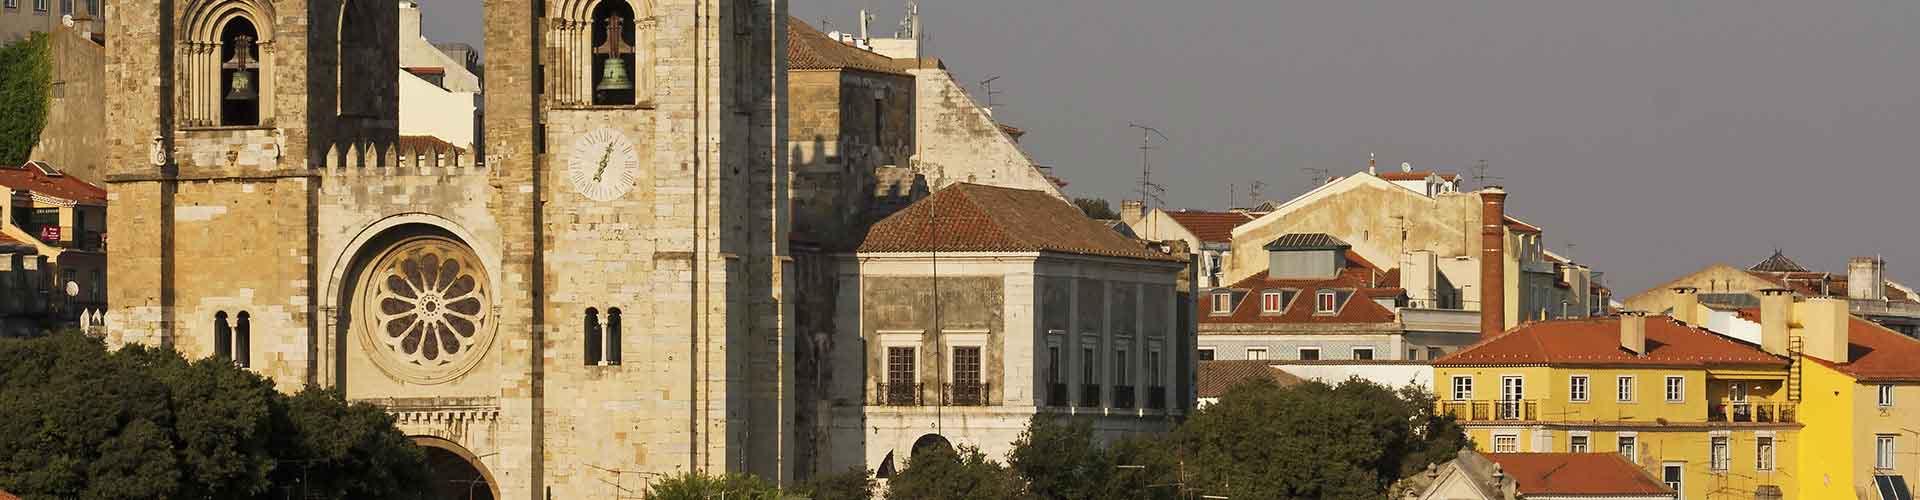 Lisboa - Habitaciones cerca a Sé de Lisboa. Mapas de Lisboa, Fotos y comentarios de cada Habitación en Lisboa.